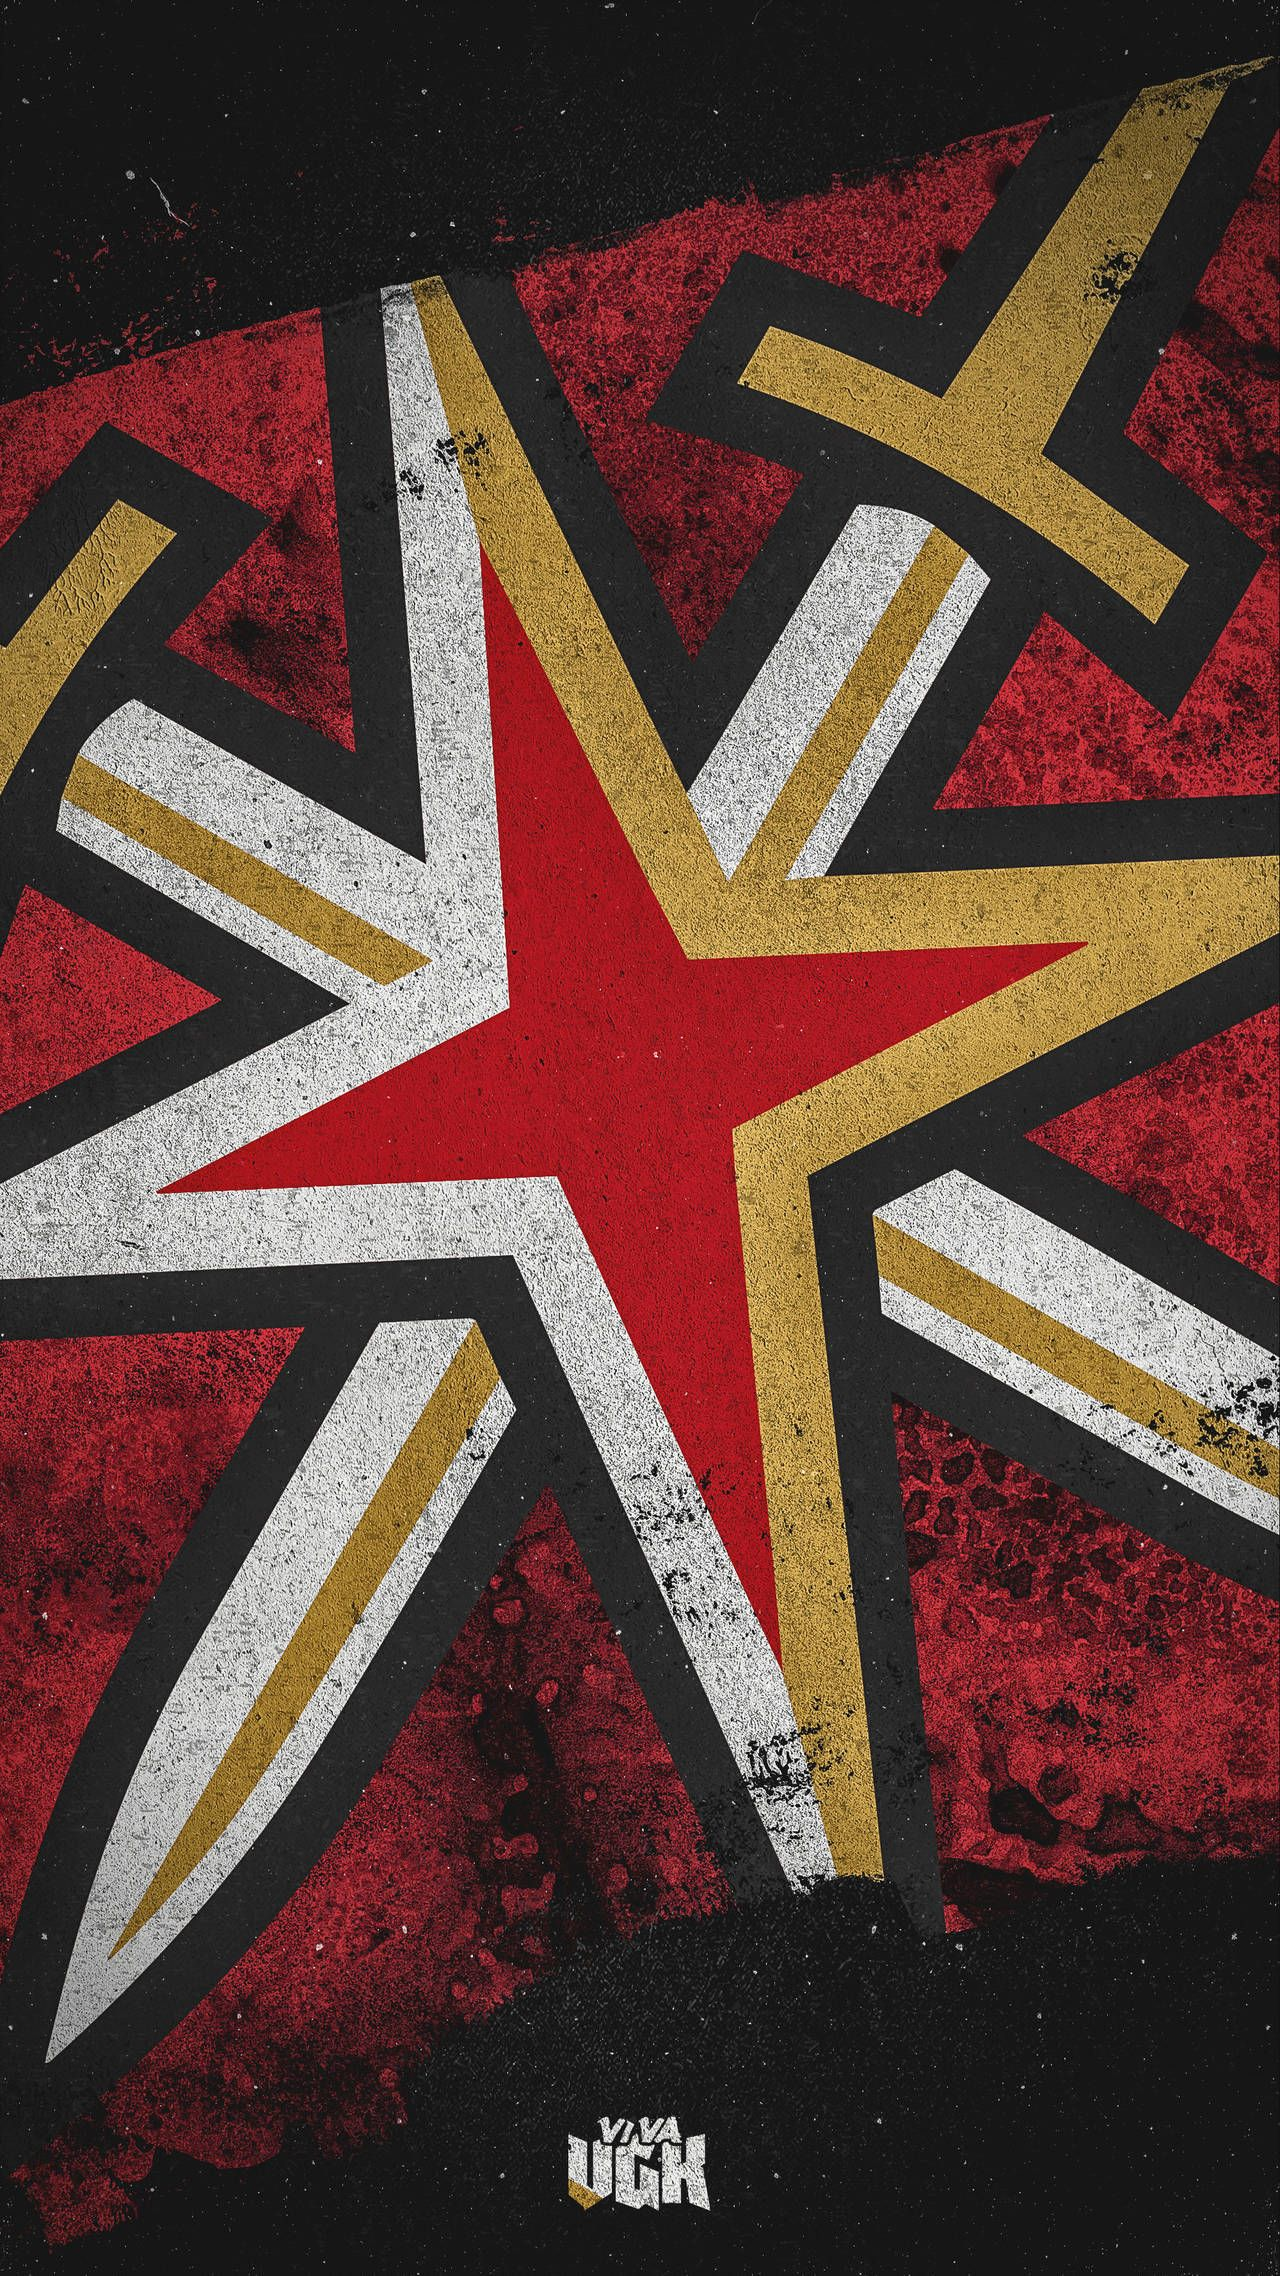 Vegas Golden Knights Wallpaper Vegas Golden Knights Golden